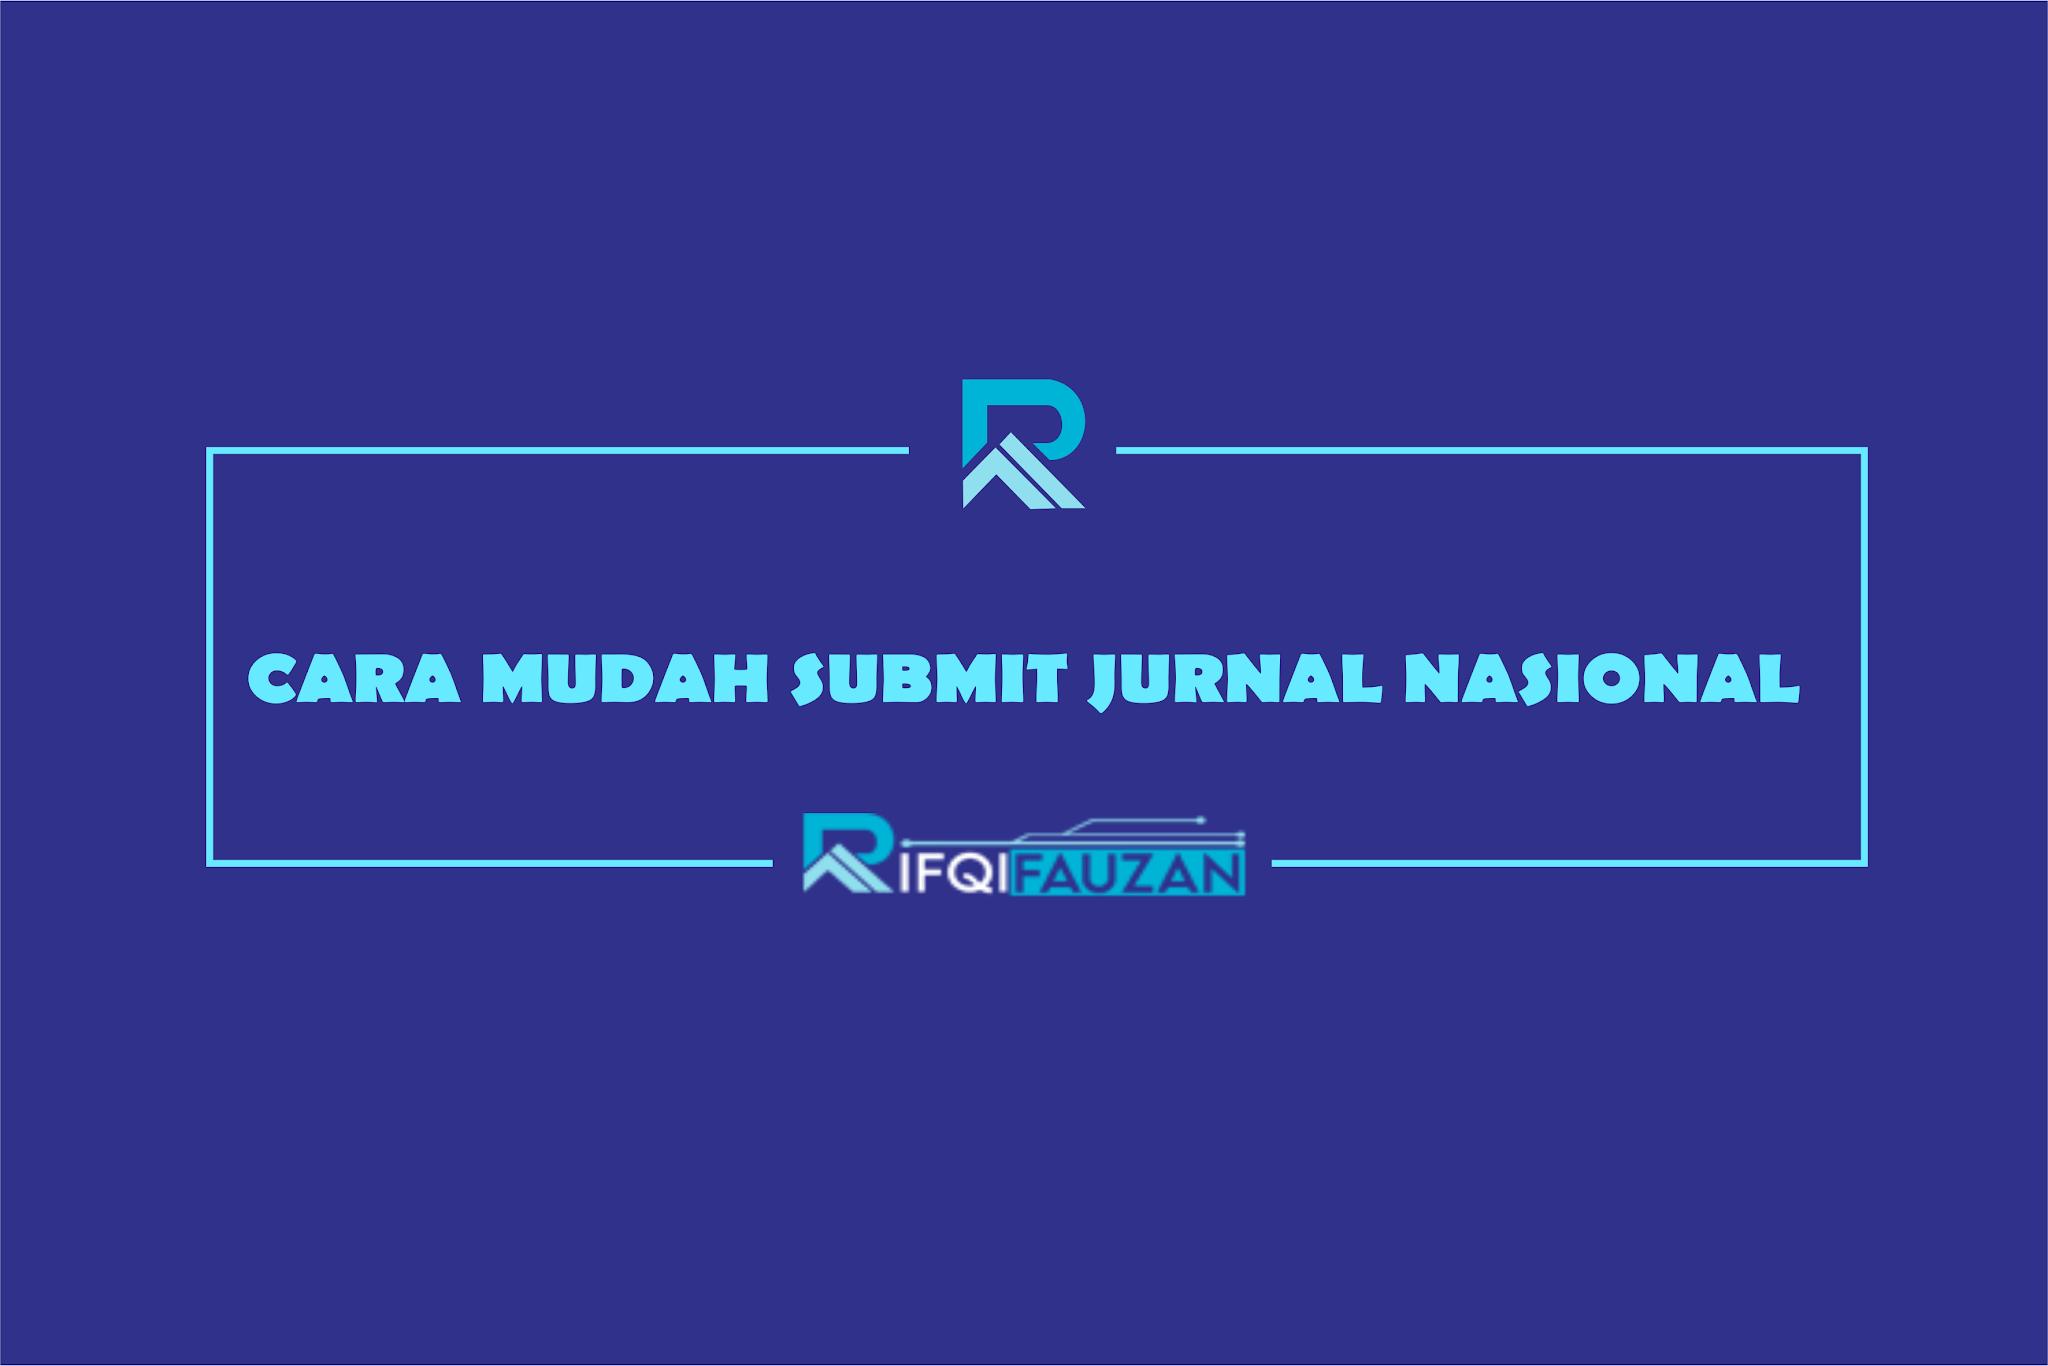 CARA TERMUDAH SUBMIT JURNAL NASIONAL